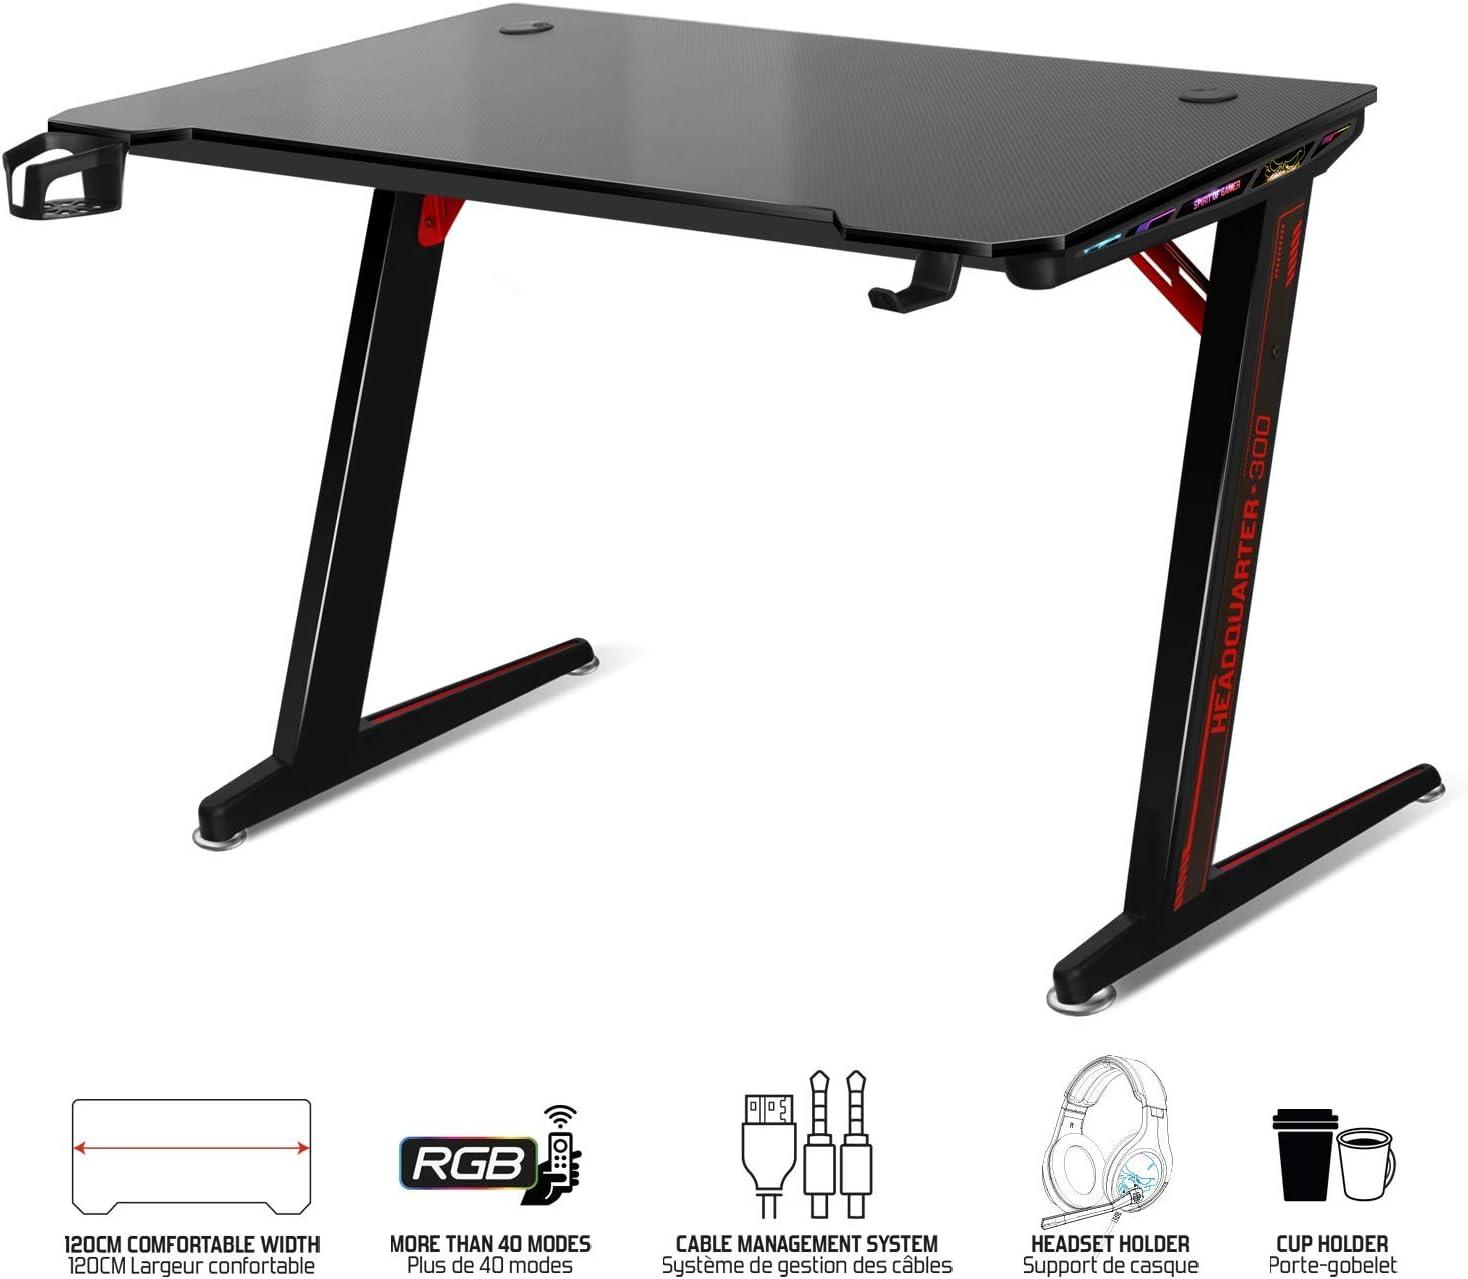 Spirit Of Gamer – HEADQUARTER-300 – Grand Bureau pour PC Gaming Ergonomique RGB/Table LED Gamer en Bois Massif Effet Carbone/Pieds Métalliques Robustes / 2 Câble Management